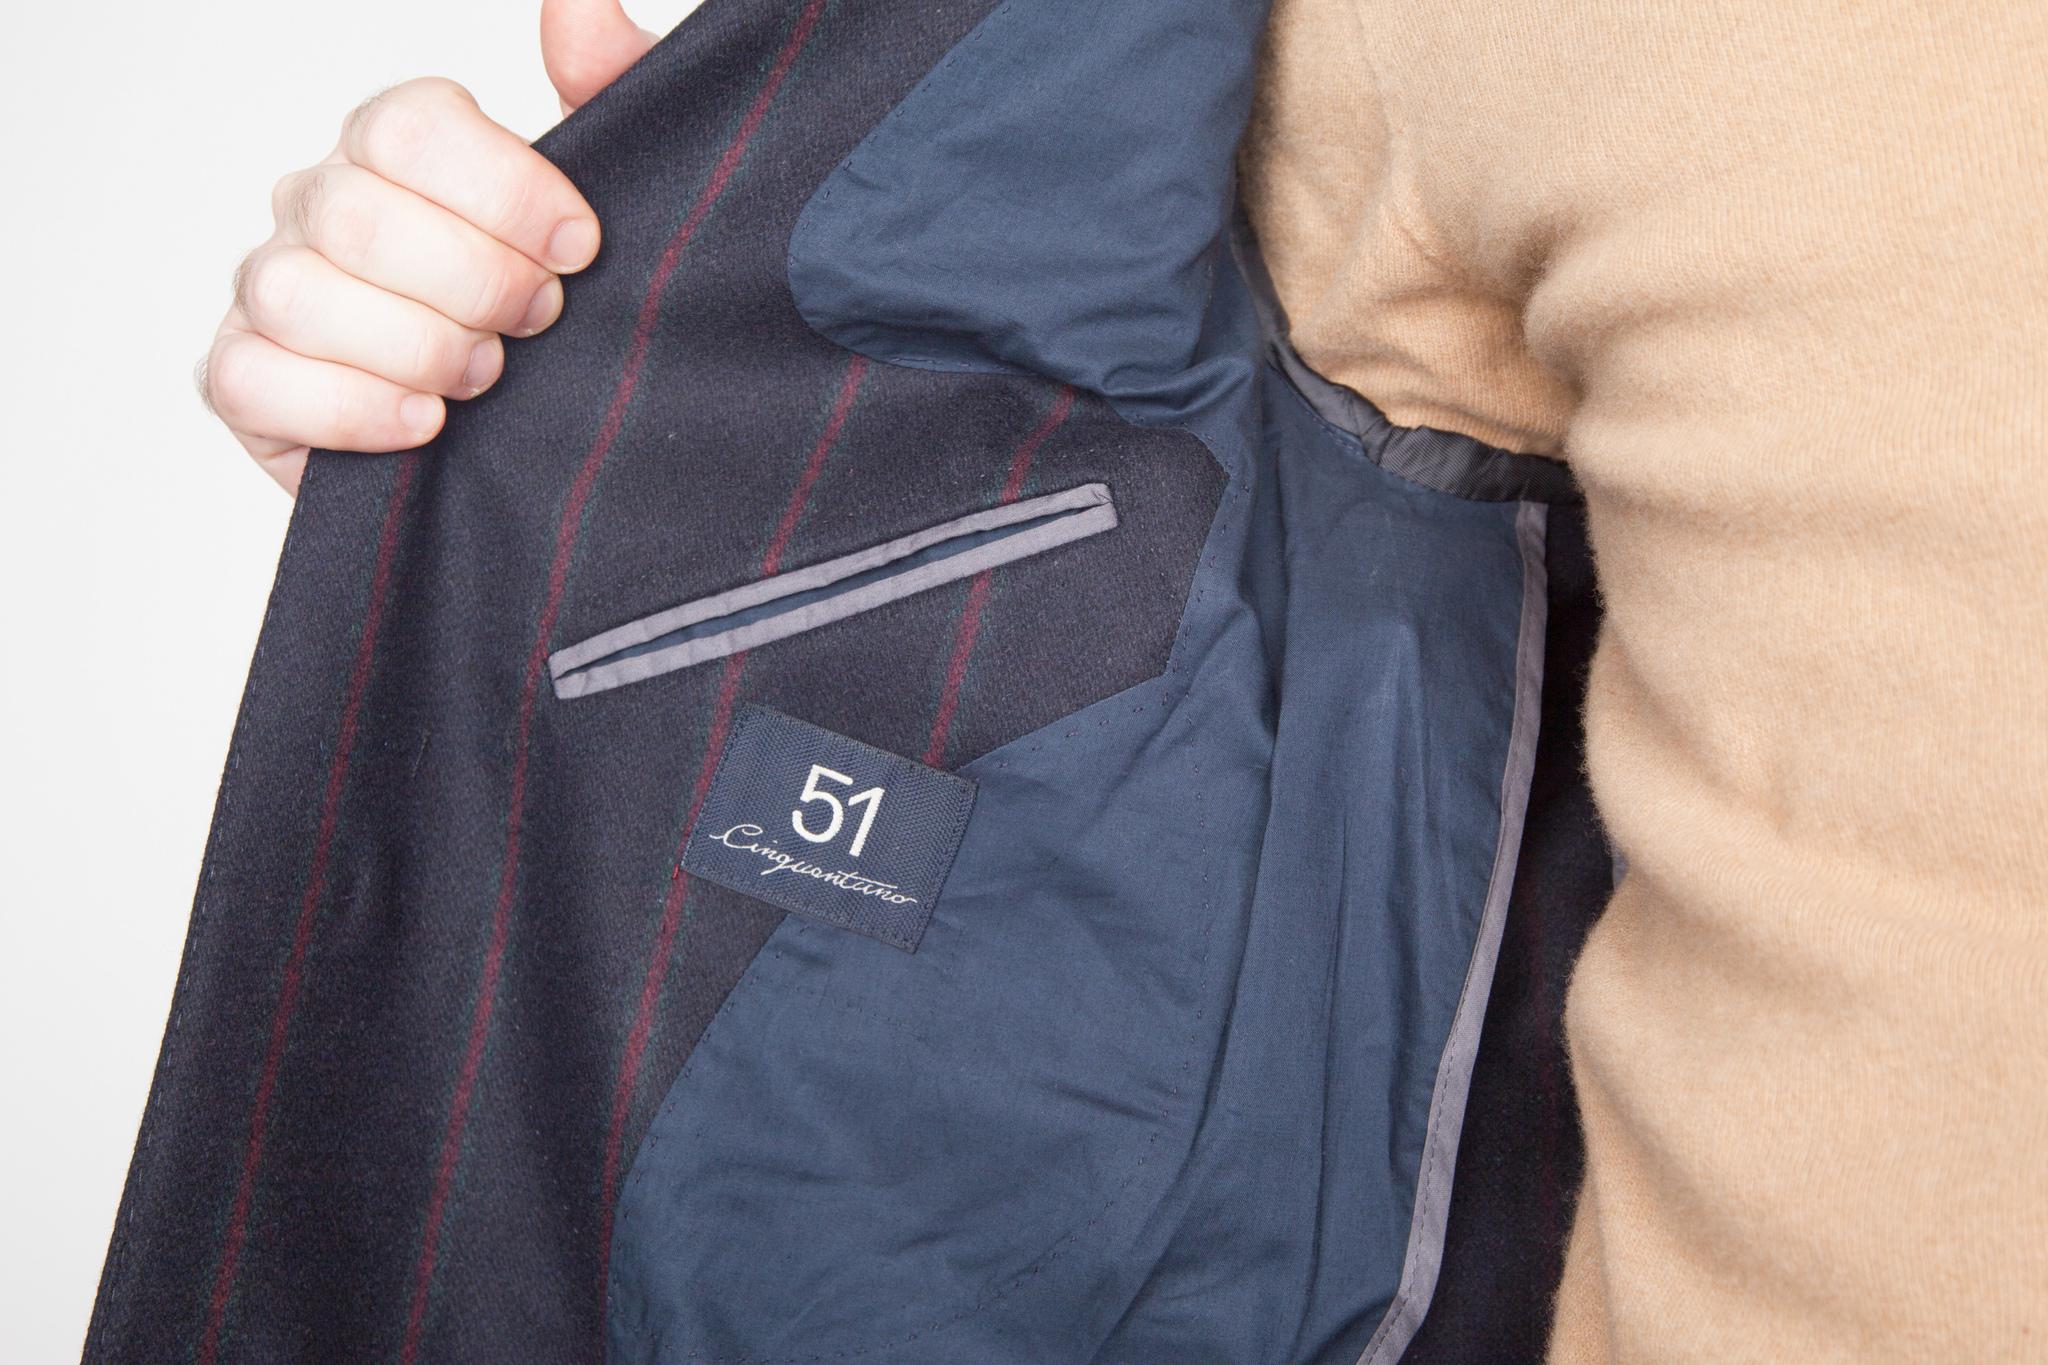 Классическое тёмно-синее шерстяное пальто в красную полоску, внутренний карман